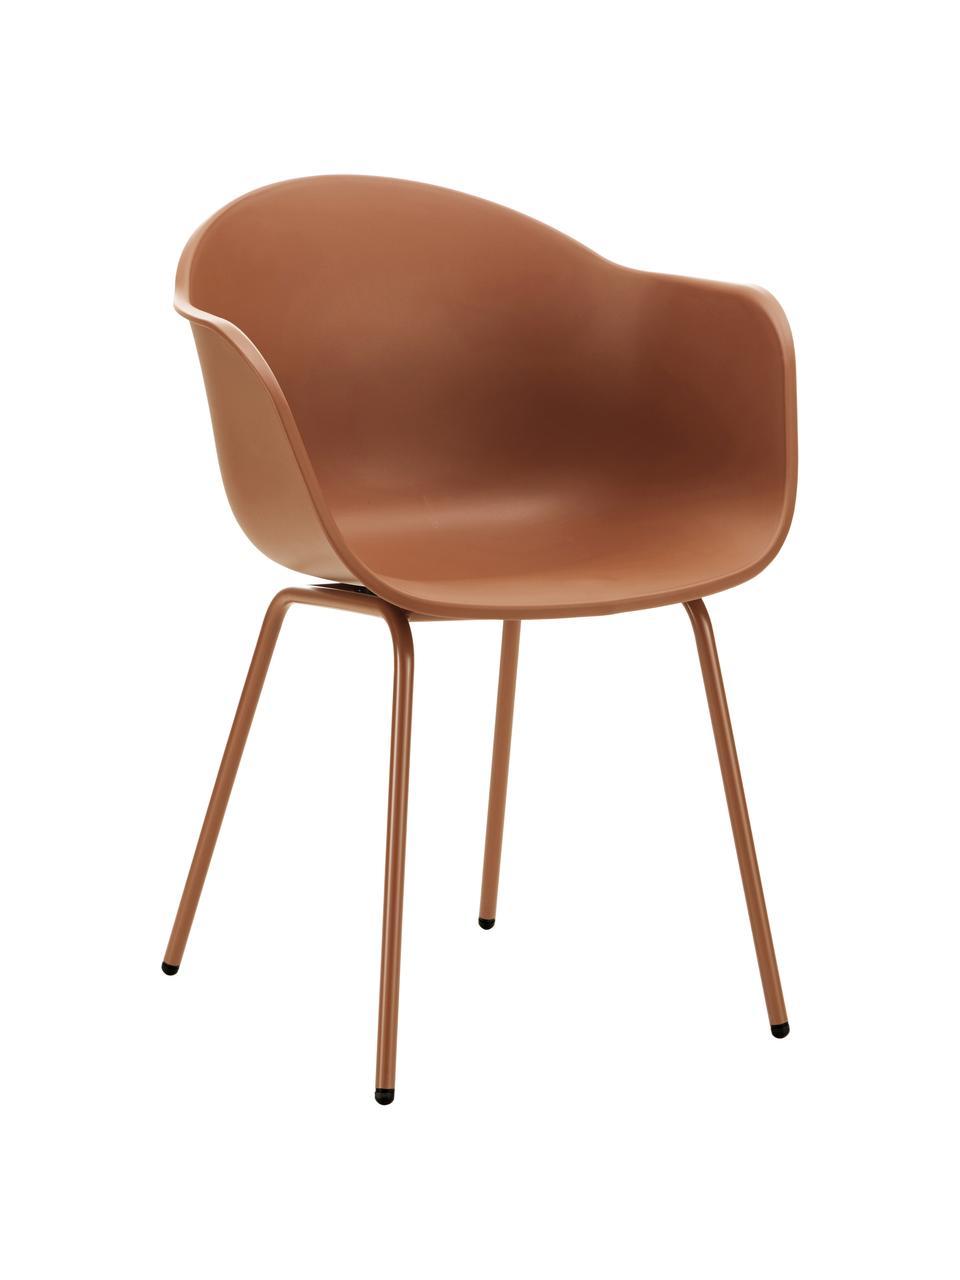 Gartenstuhl Claire in Braun, Sitzschale: 65% Kunststoff, 35% Fiber, Beine: Metall, pulverbeschichtet, Braun, B 60 x T 54 cm